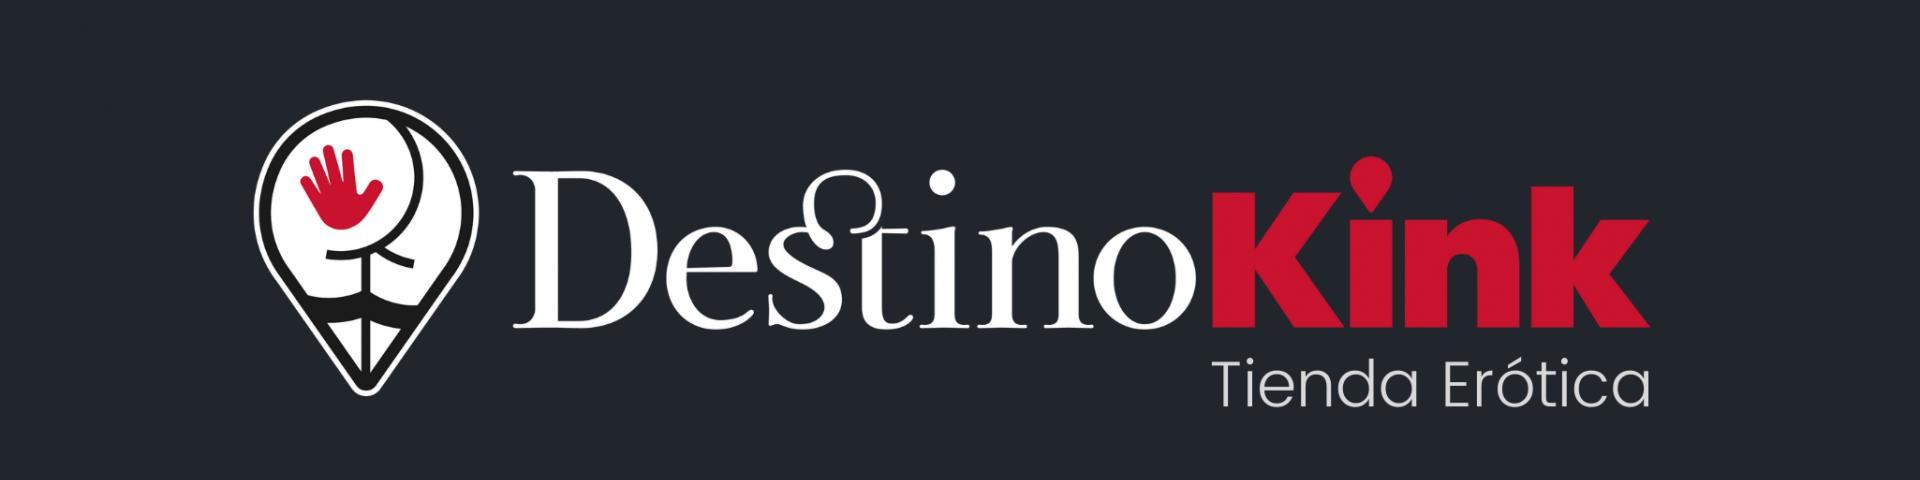 Egolalá Eroteca